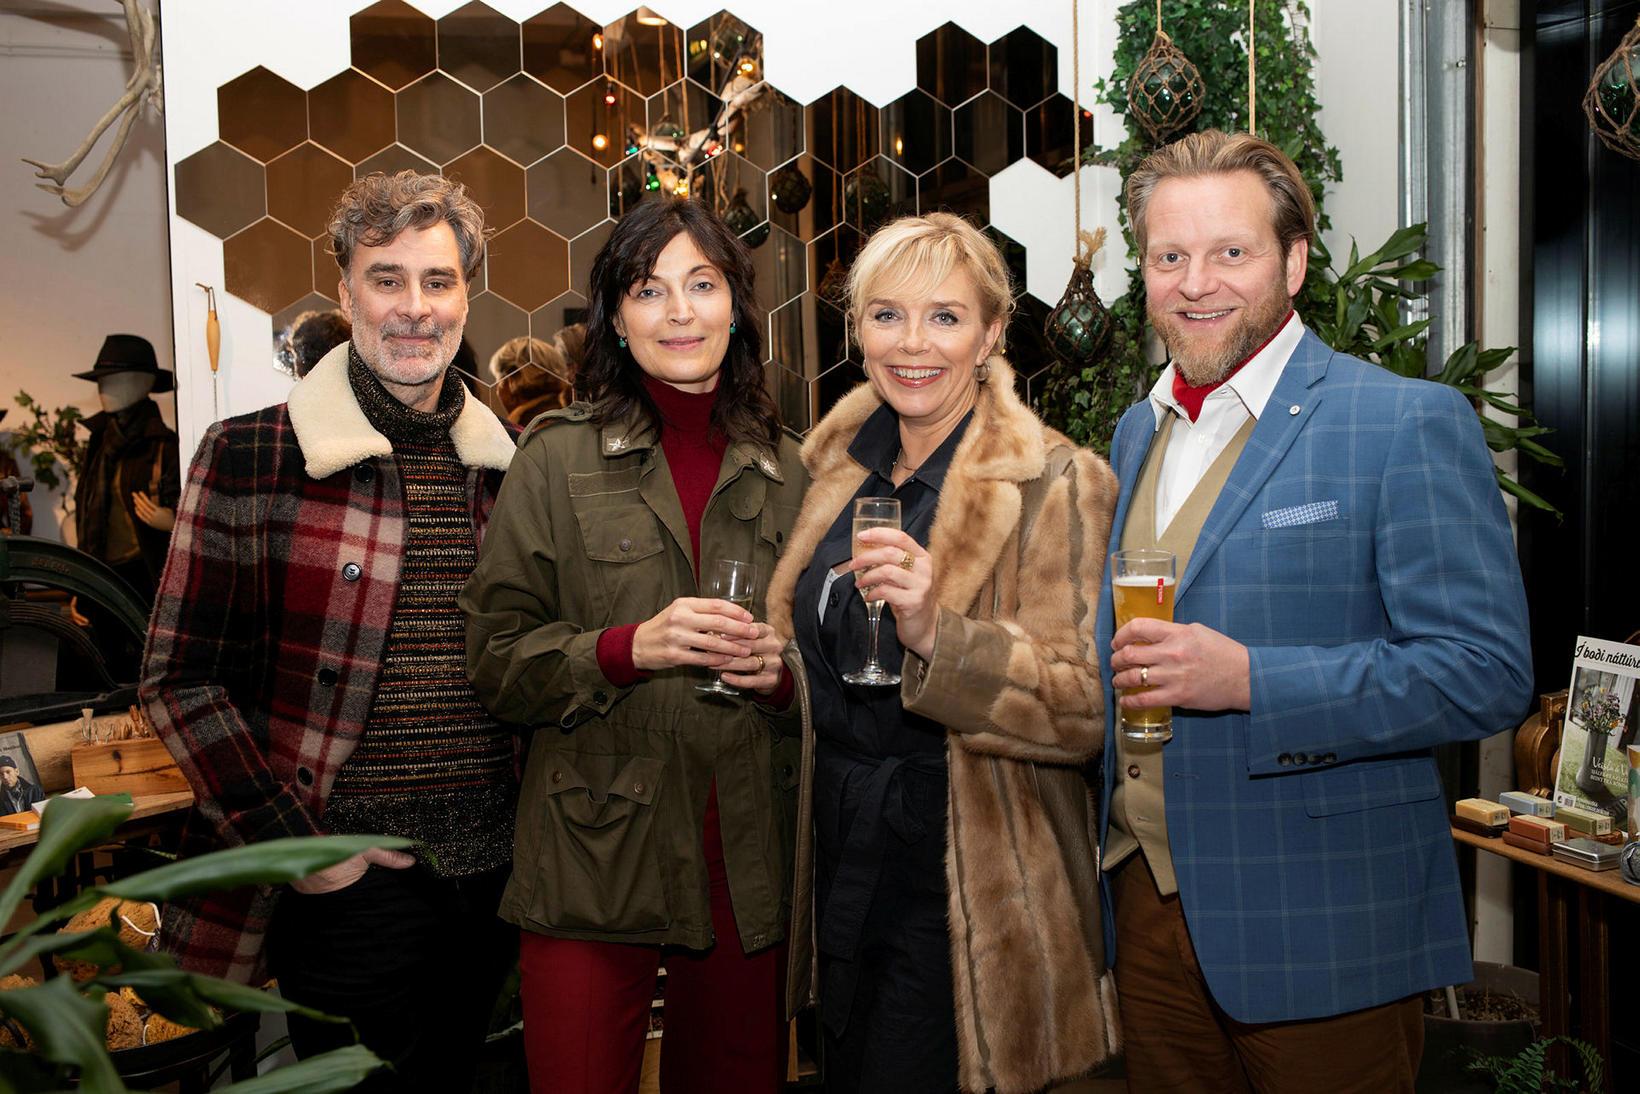 Steingrímur Leifsson, Margrét Gylfadóttir, Hrefna Ben og Ýmir Björgvin Arthúrsson.